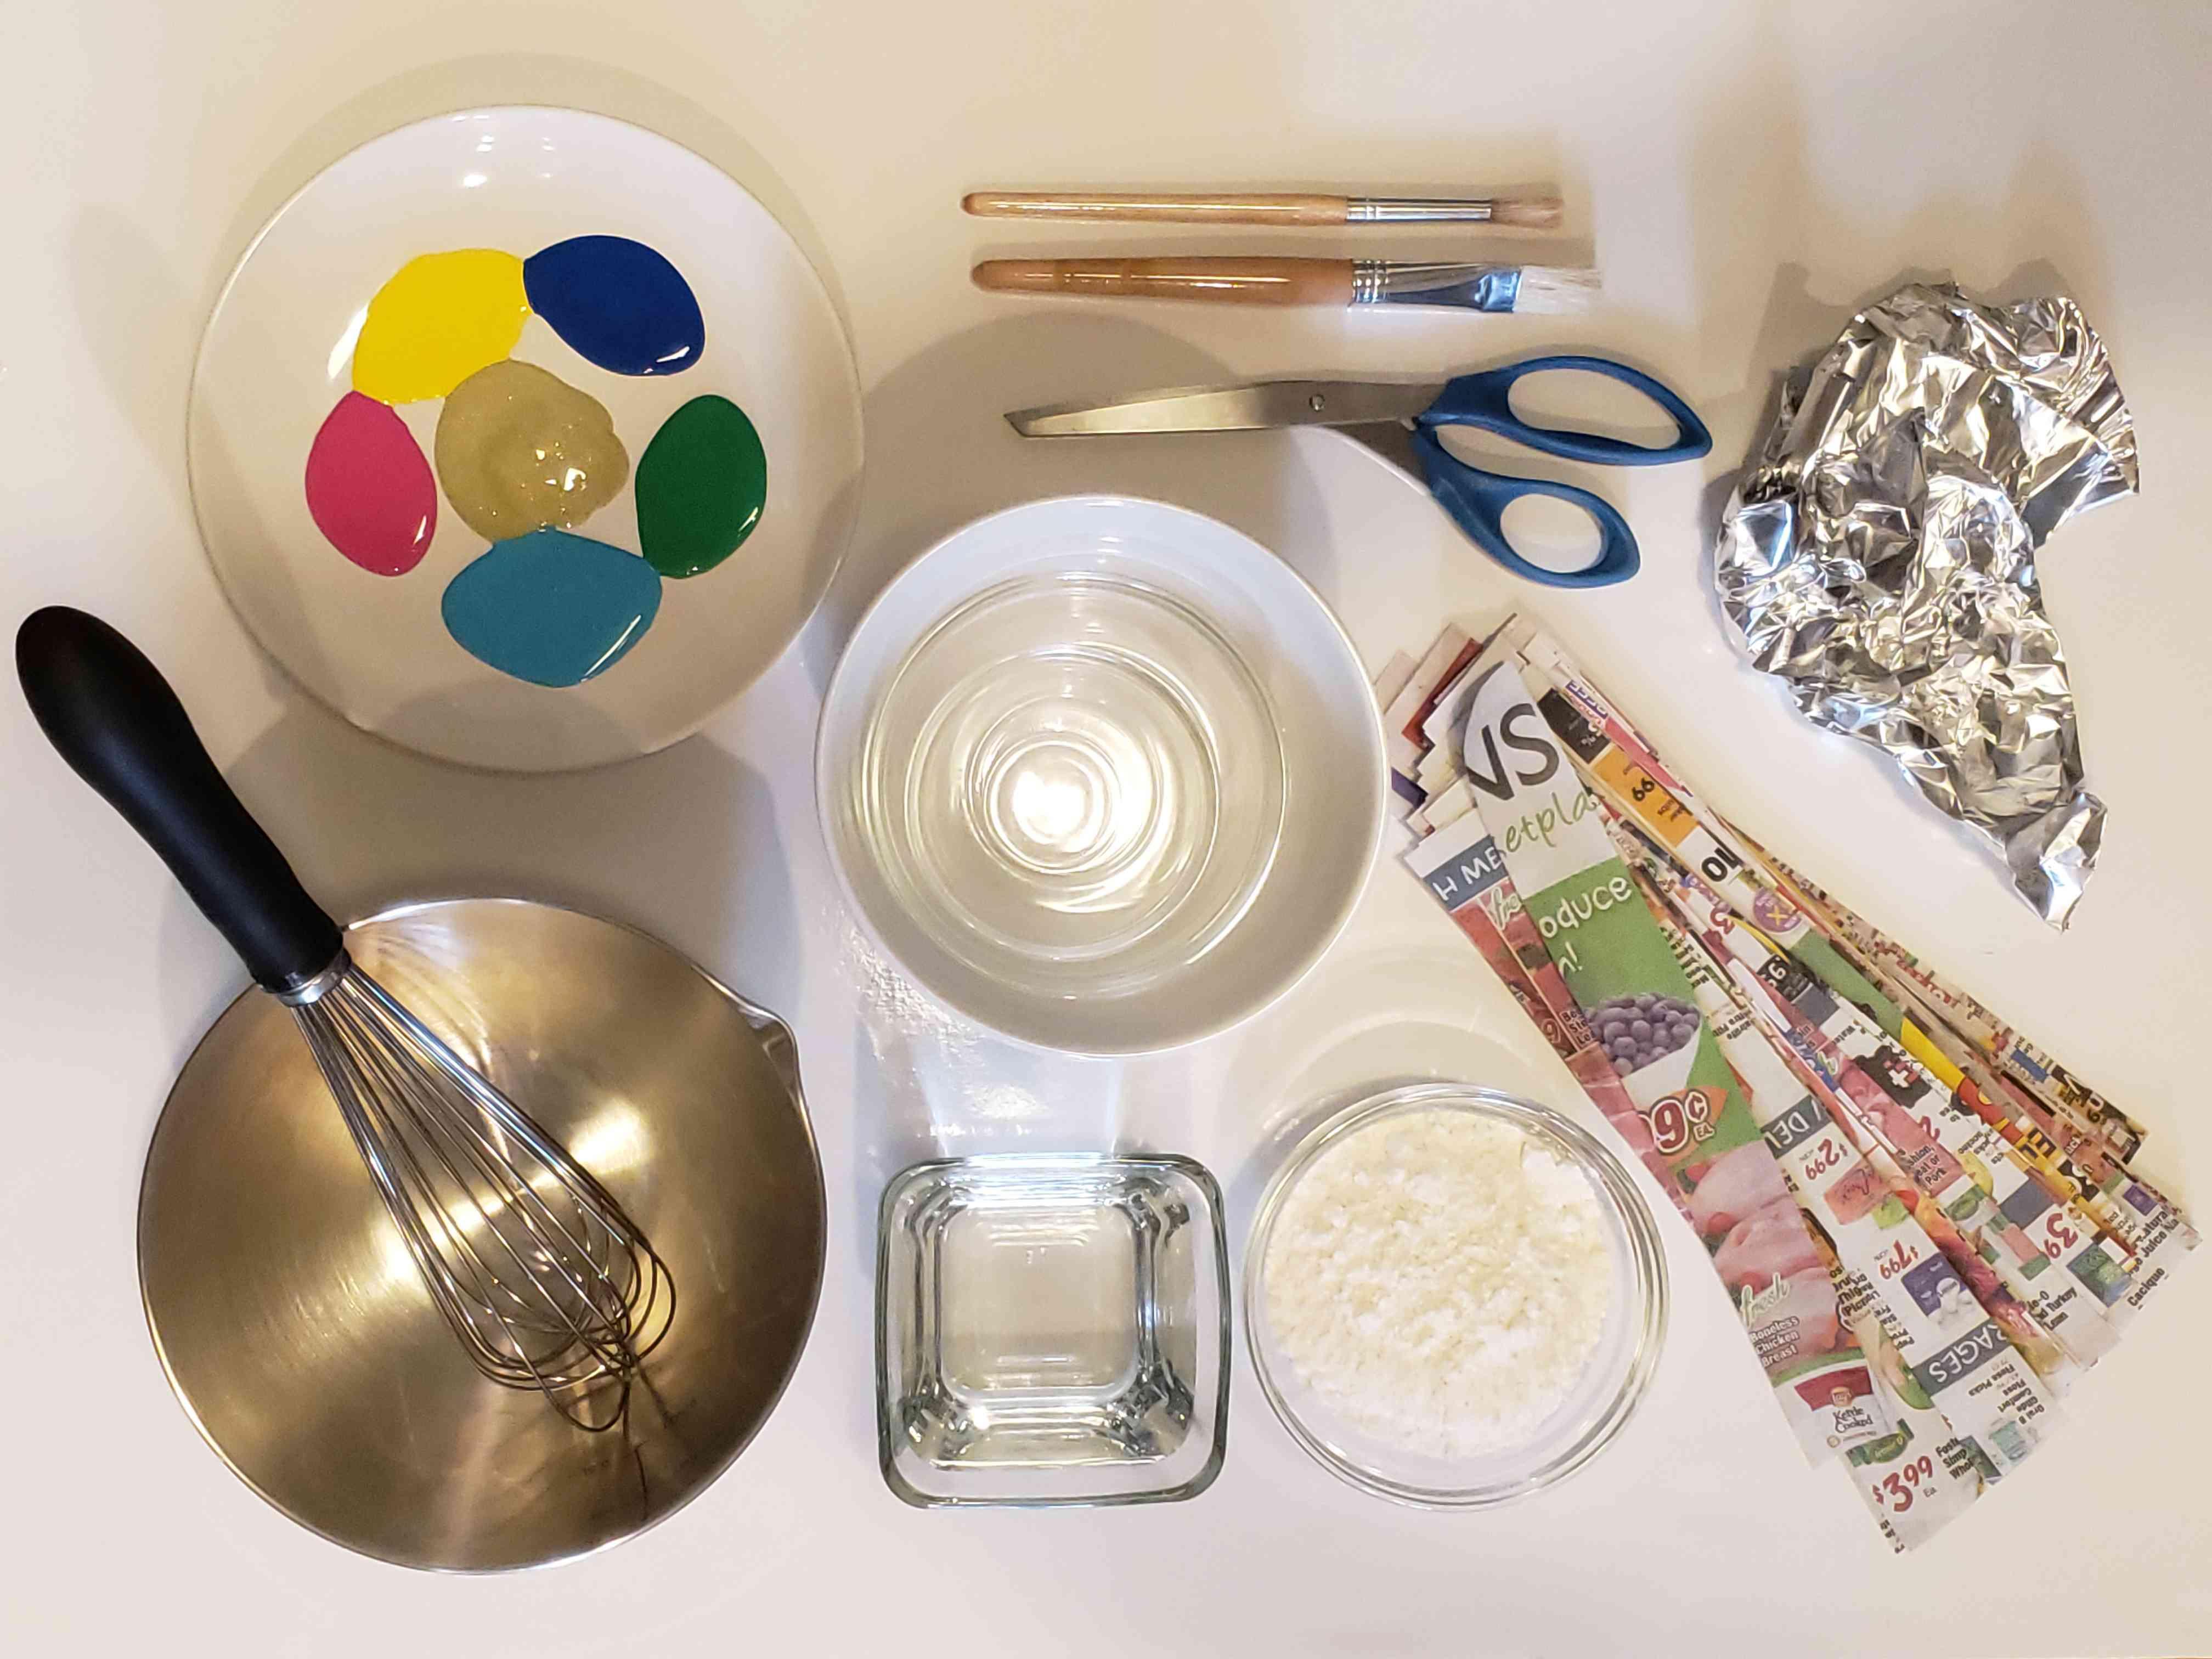 Supplies for papier-mache bowls